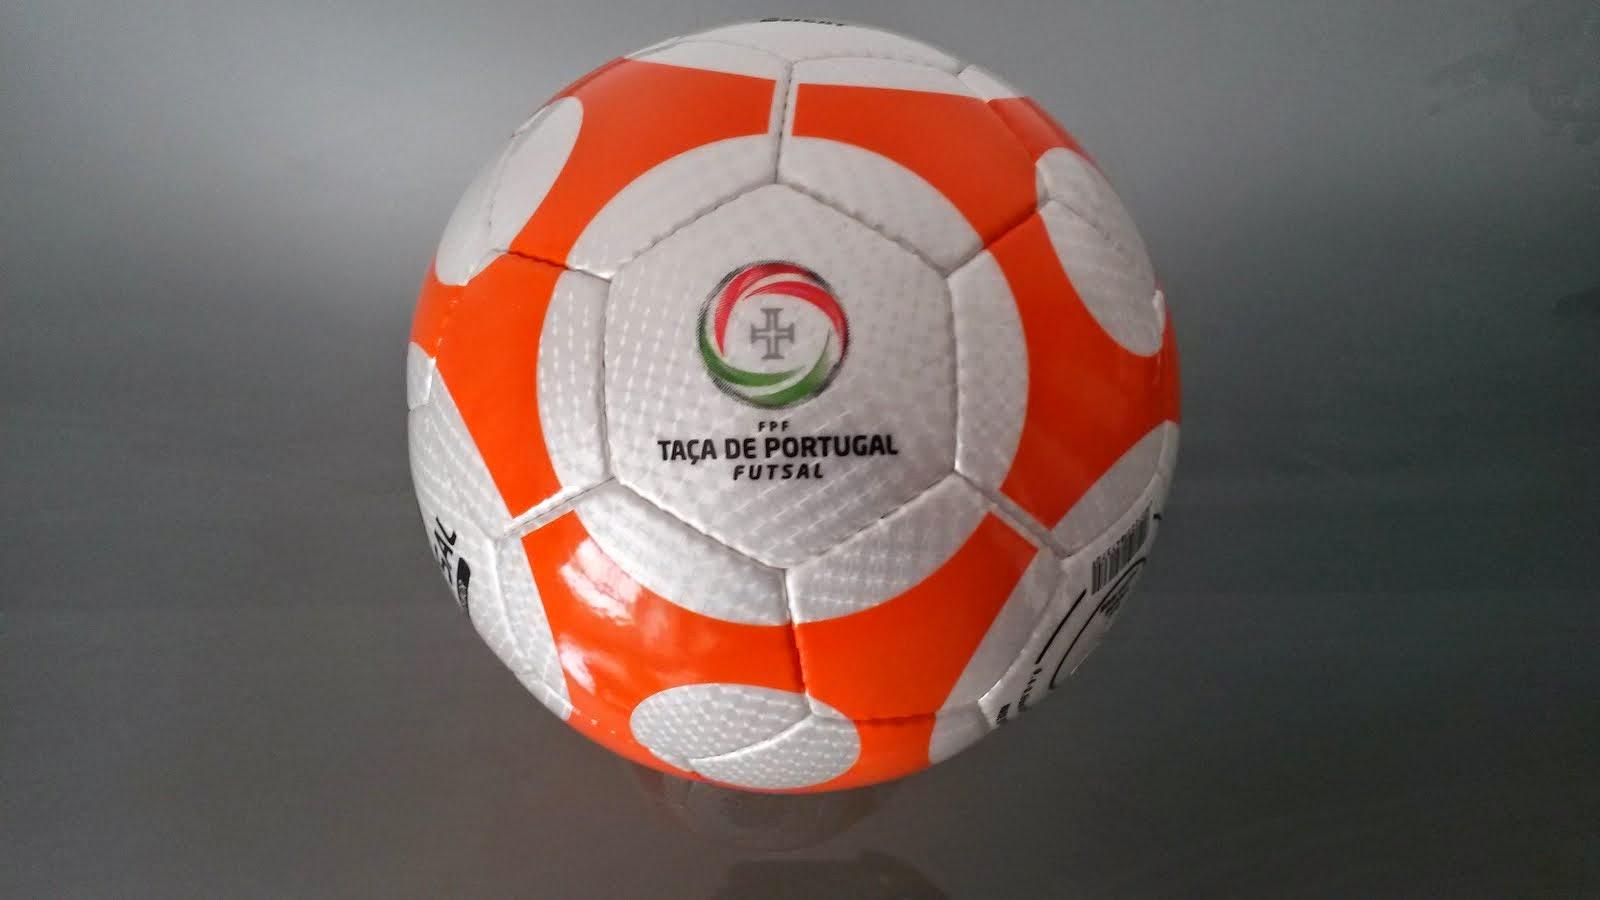 Bola Oficial 2014-2015 / 2015-2016 / 2016-2017 / 2017-2018